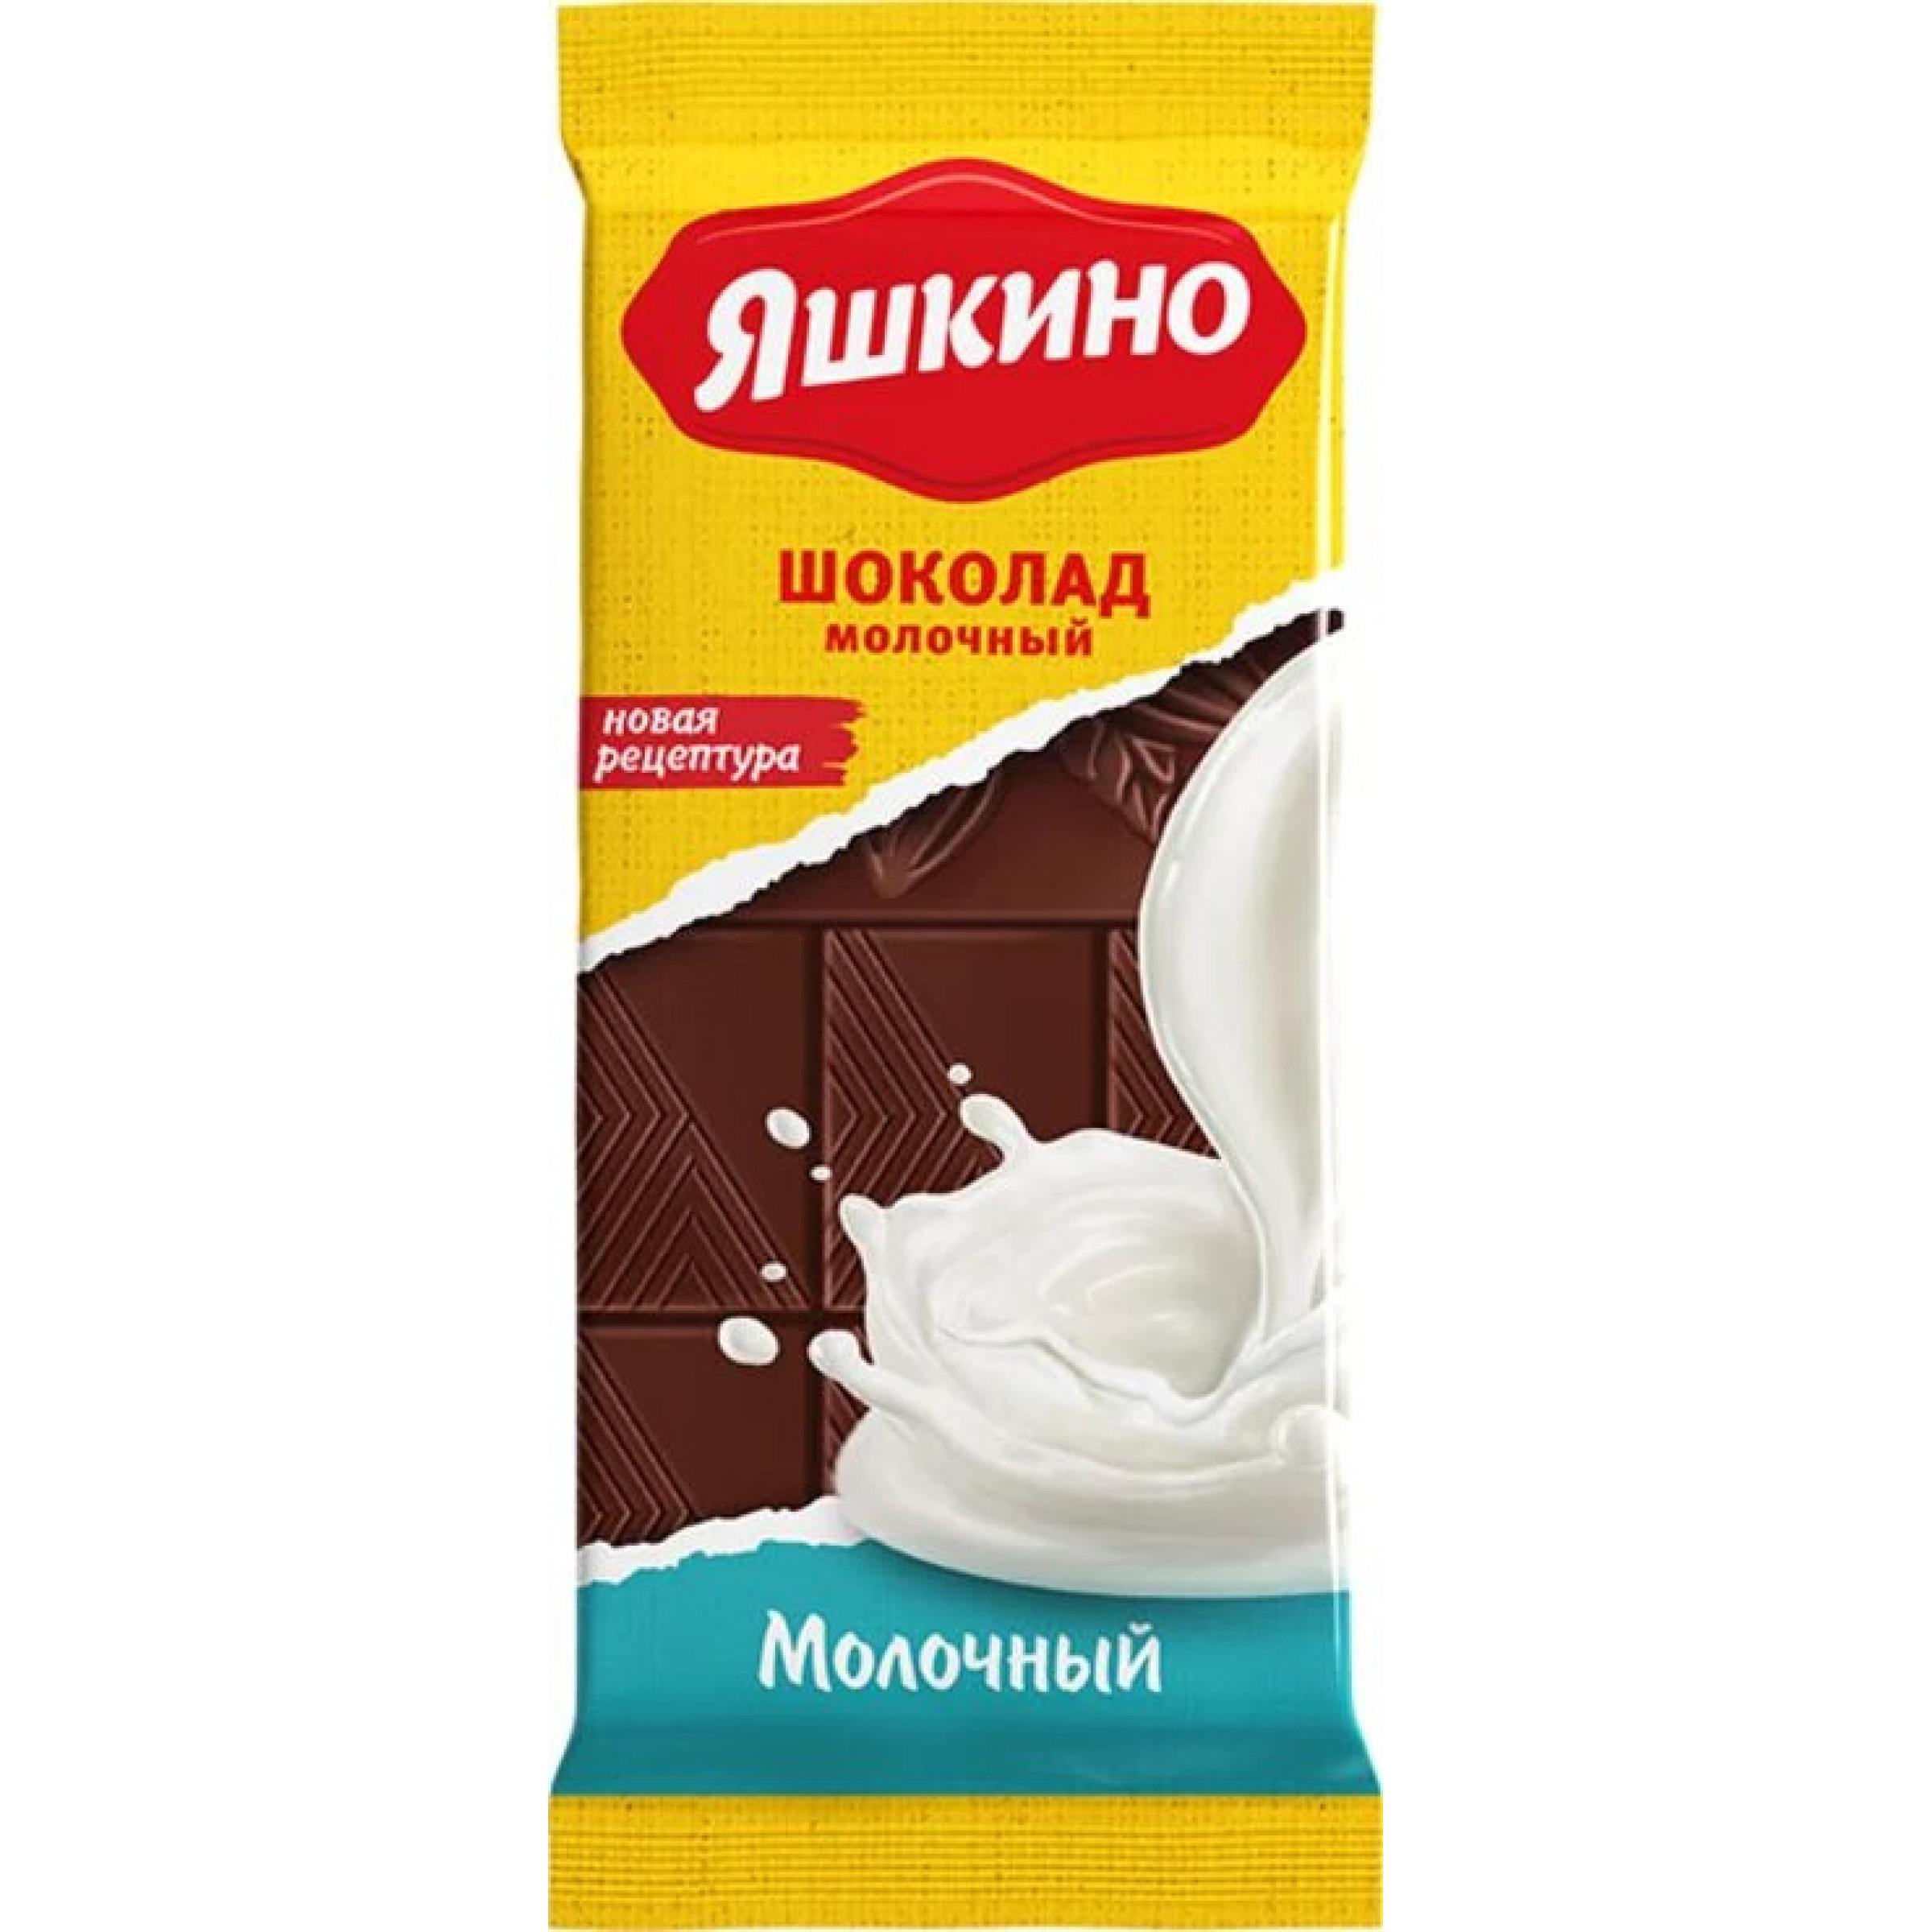 Шоколад Яшкино молочный, 90 гр